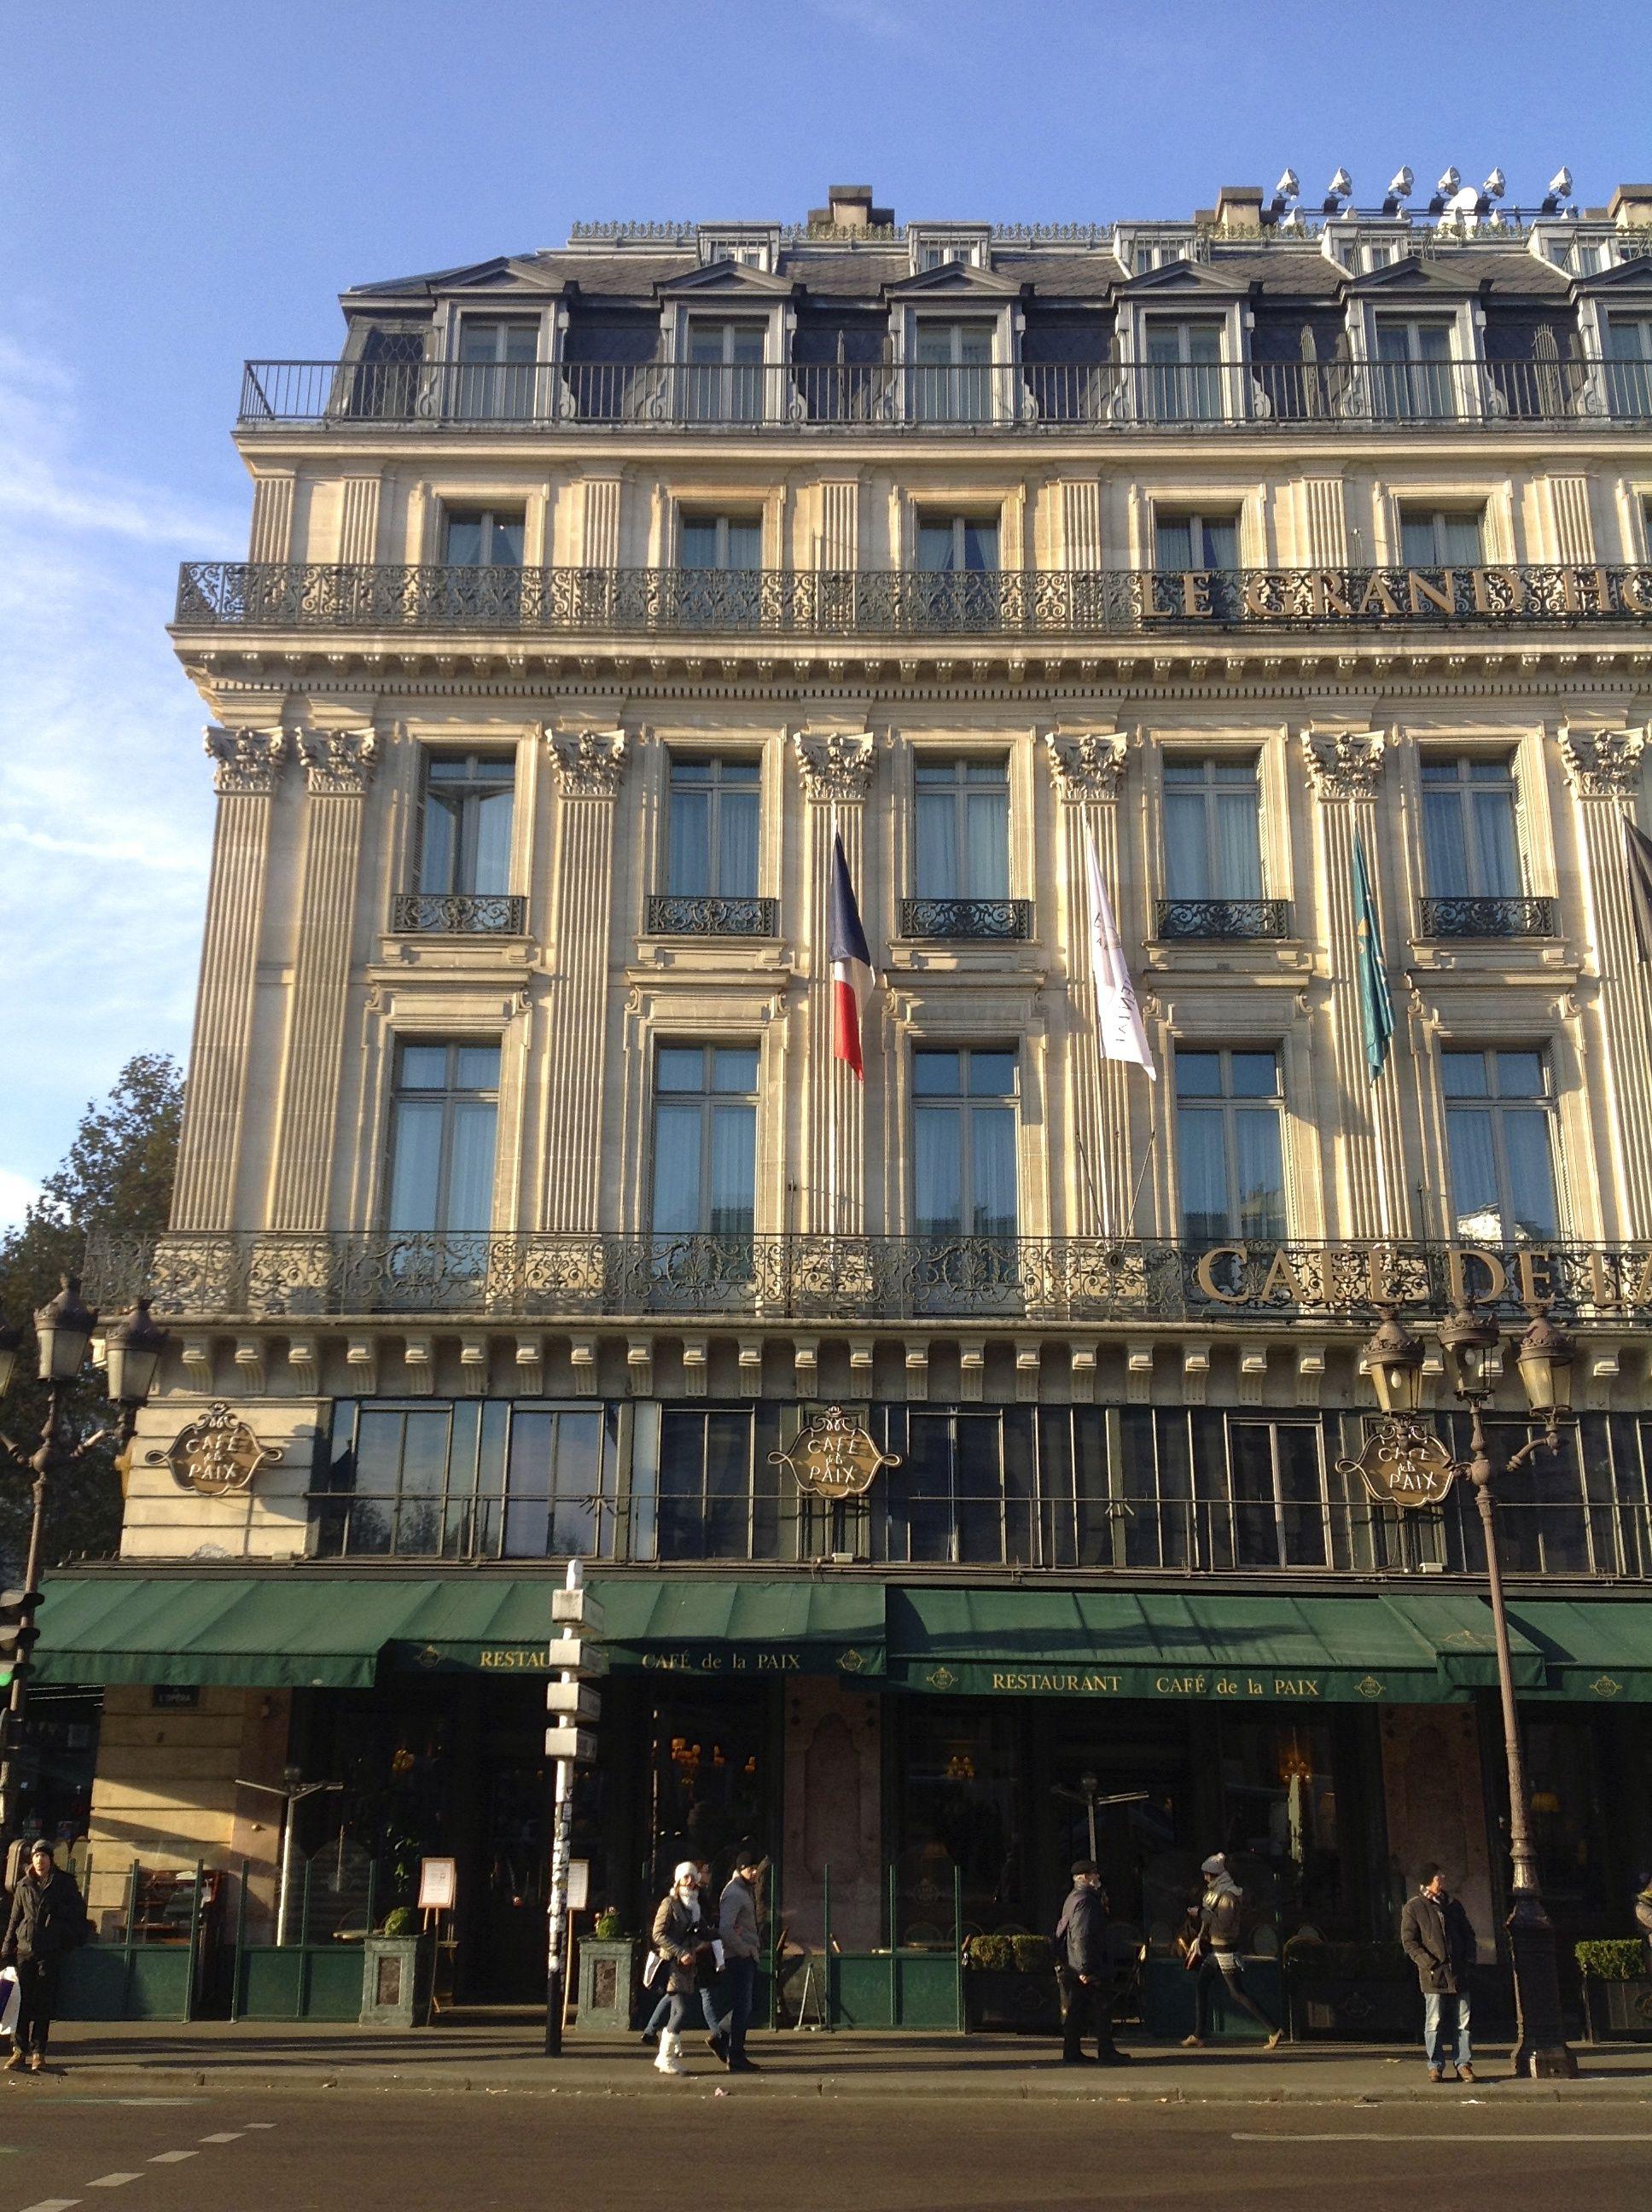 Cafe de la Paix, Paris - 9th December, 2013